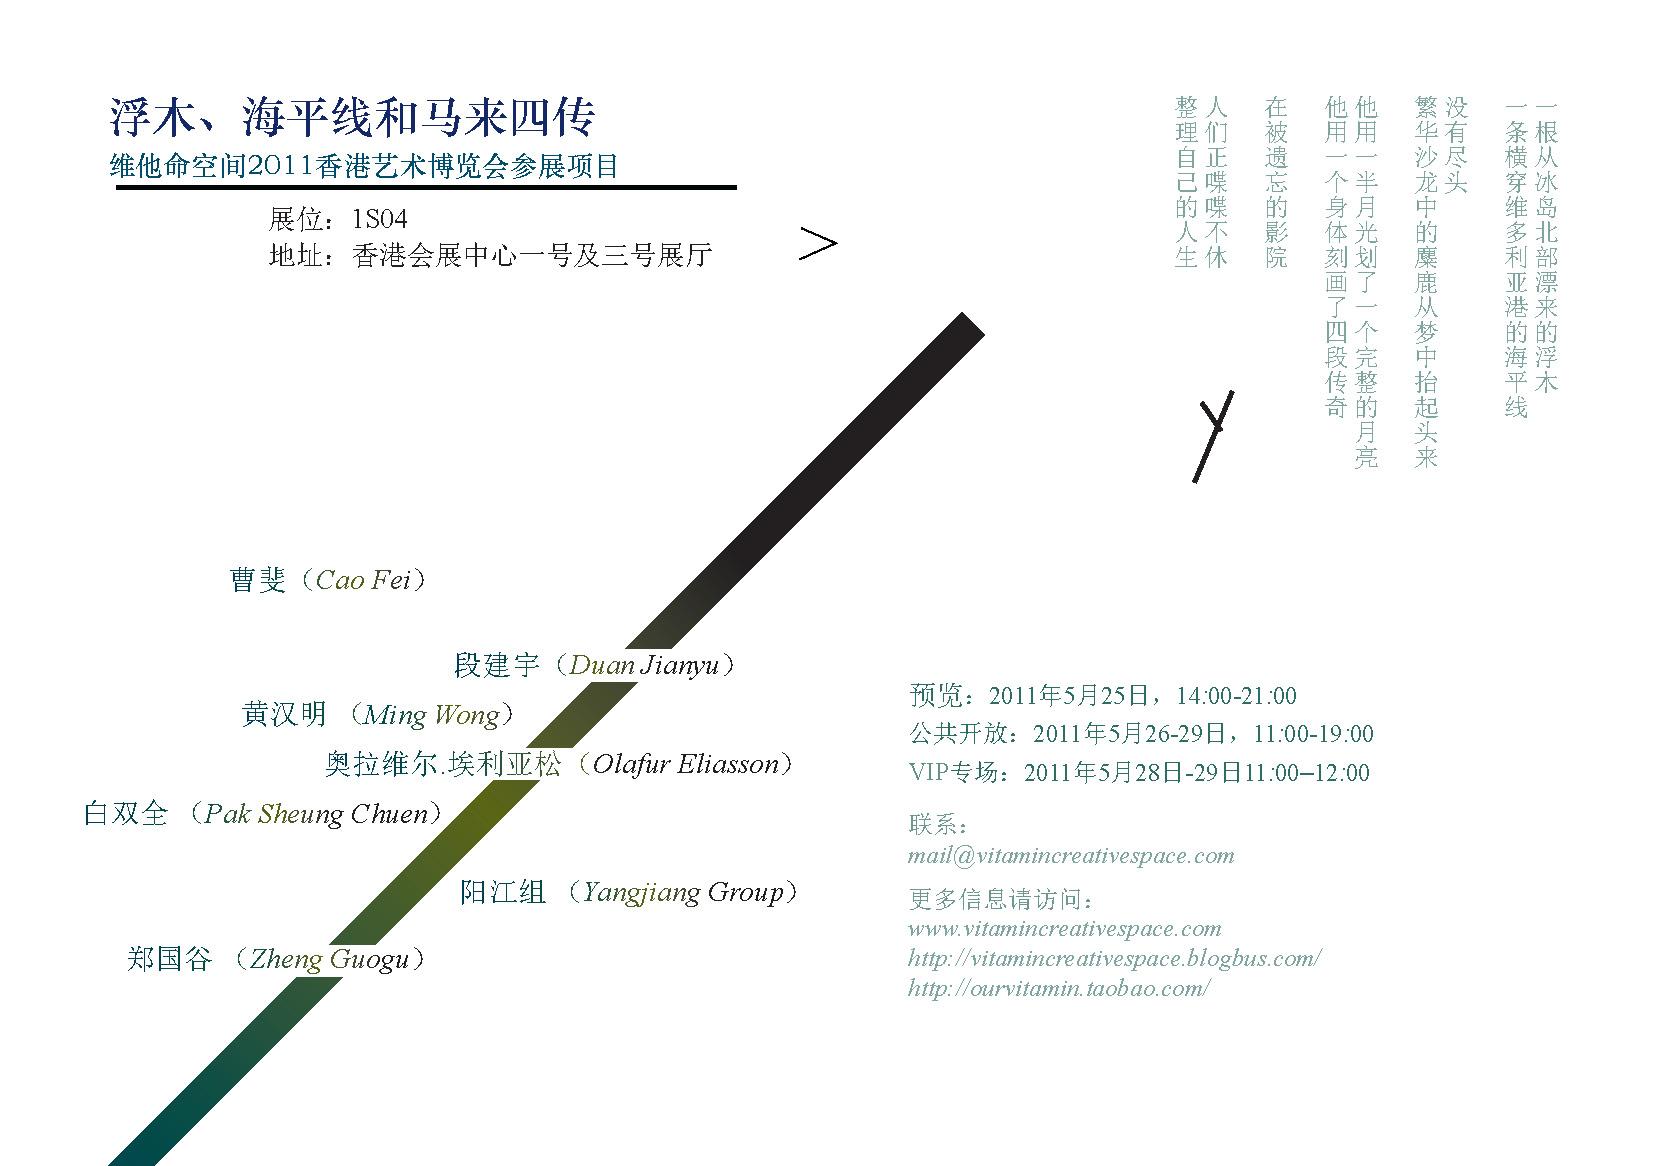 2011 Art HongKong邀请函